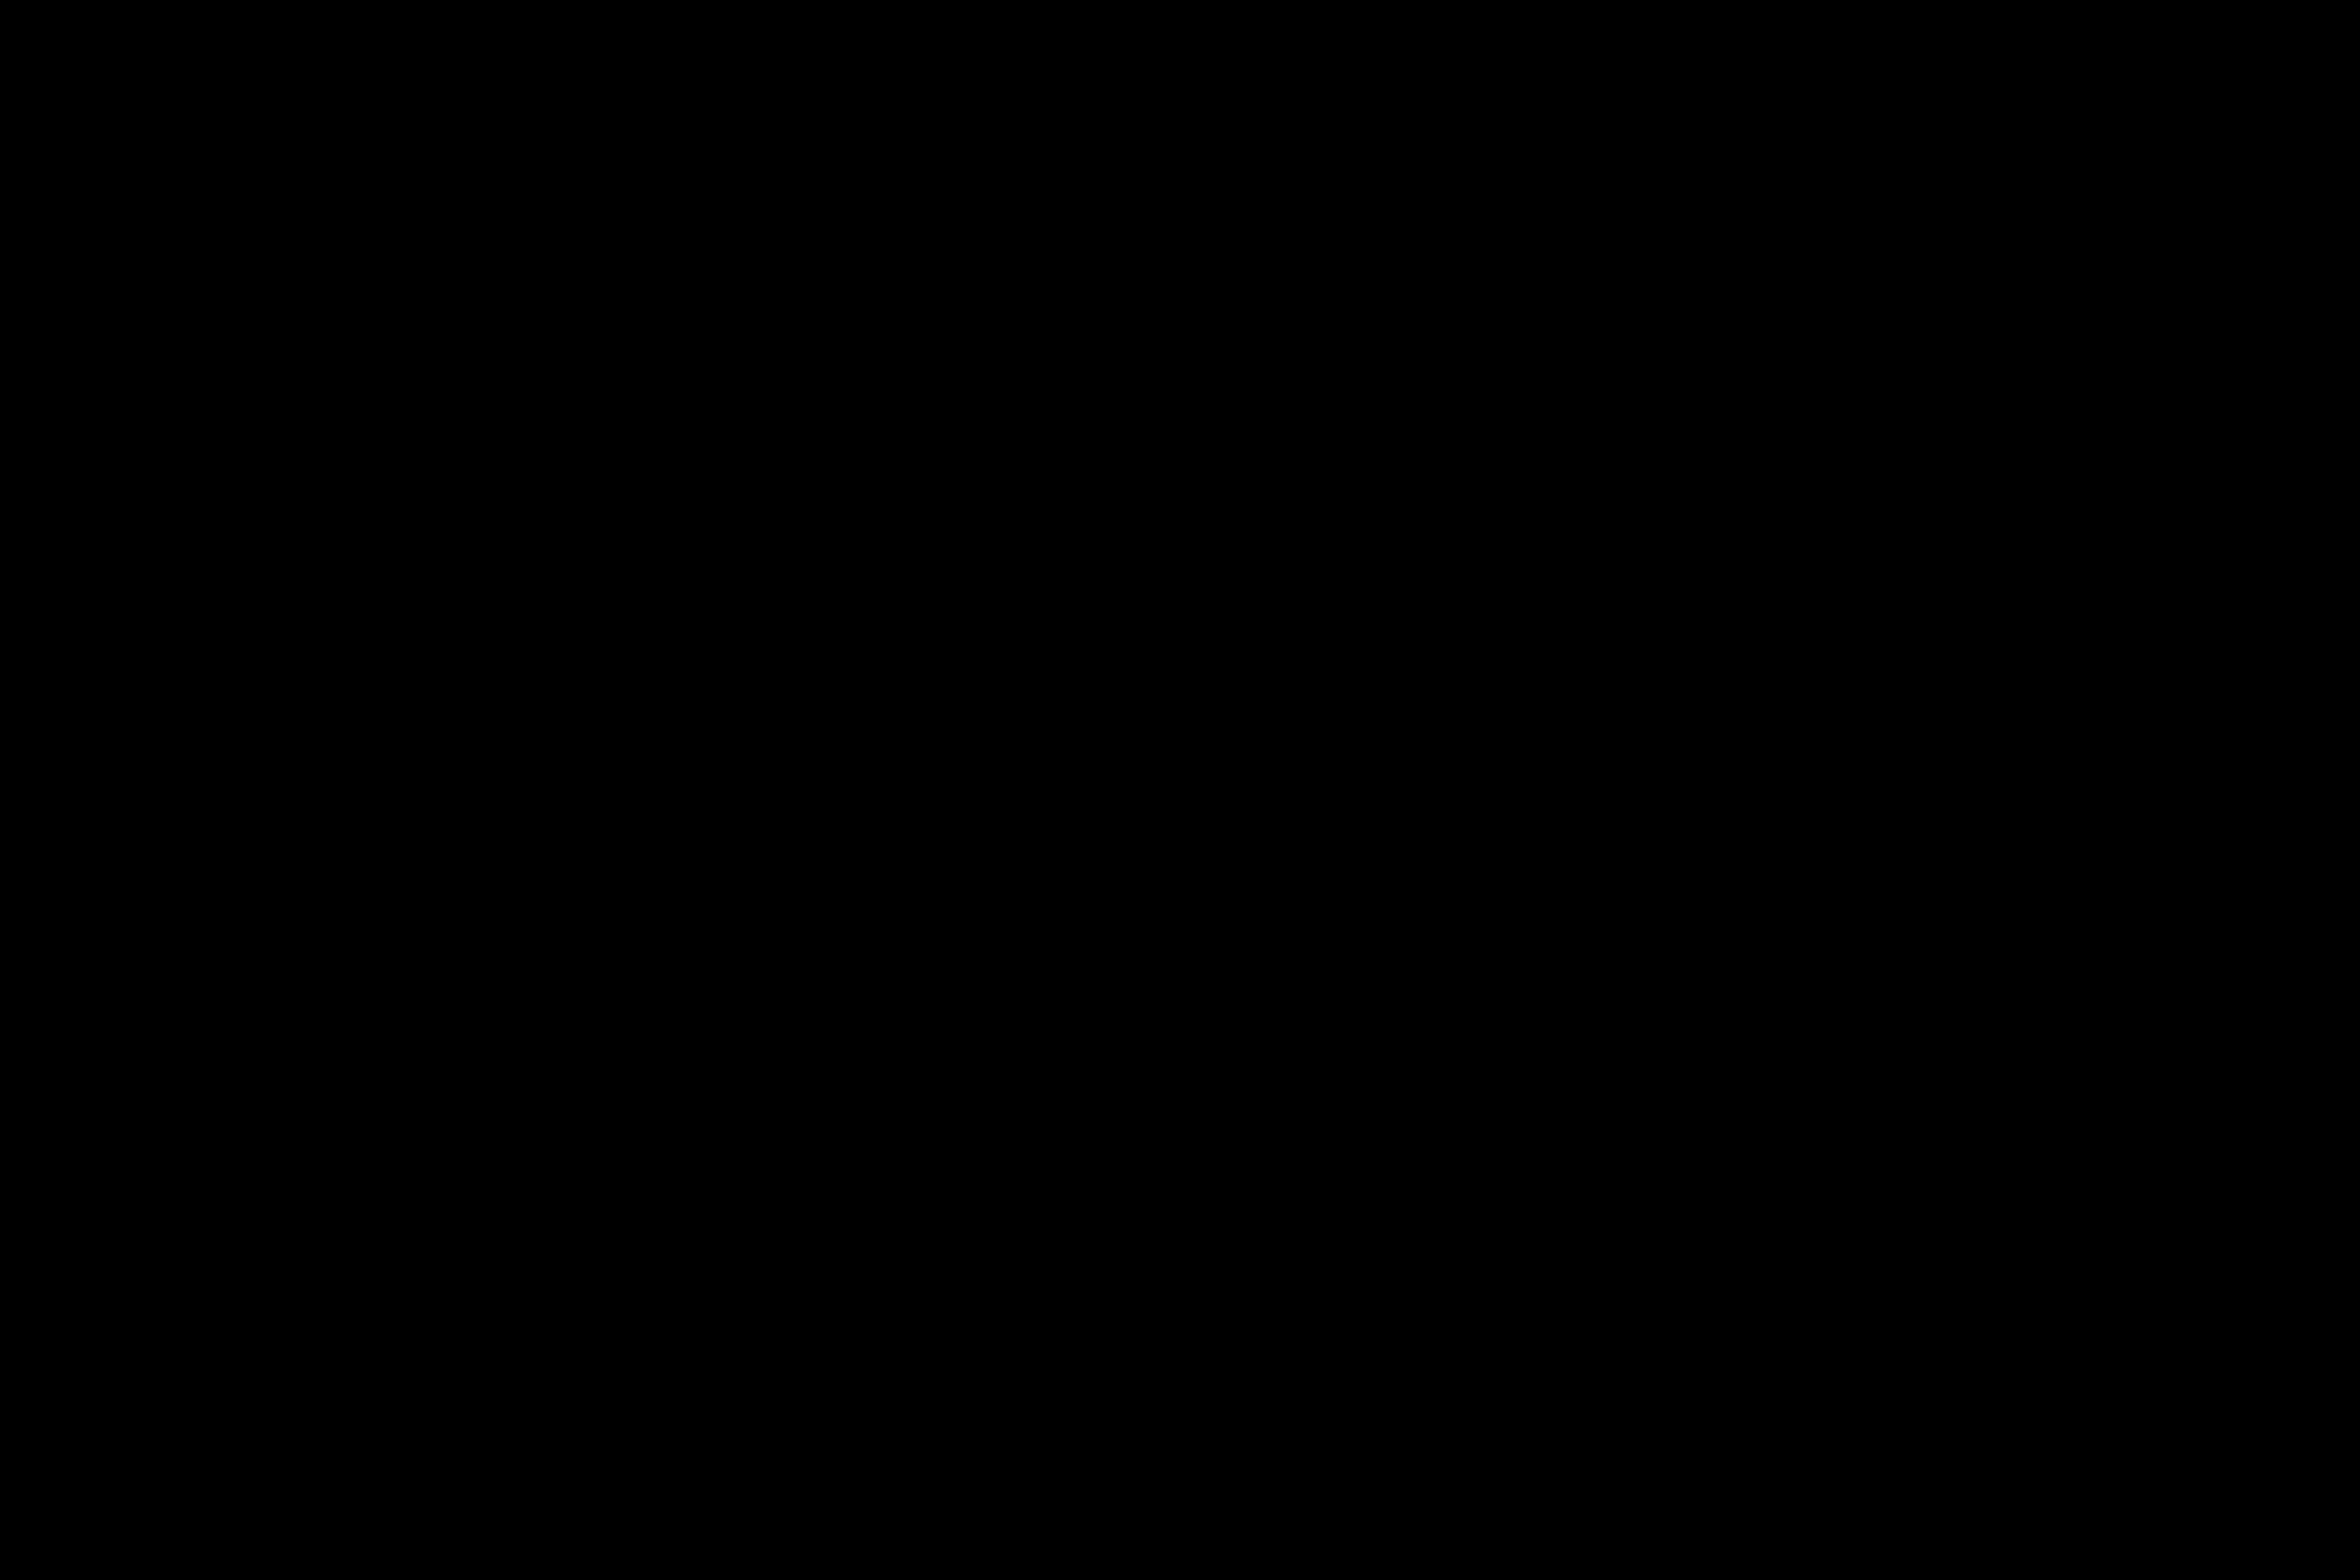 carnex-09